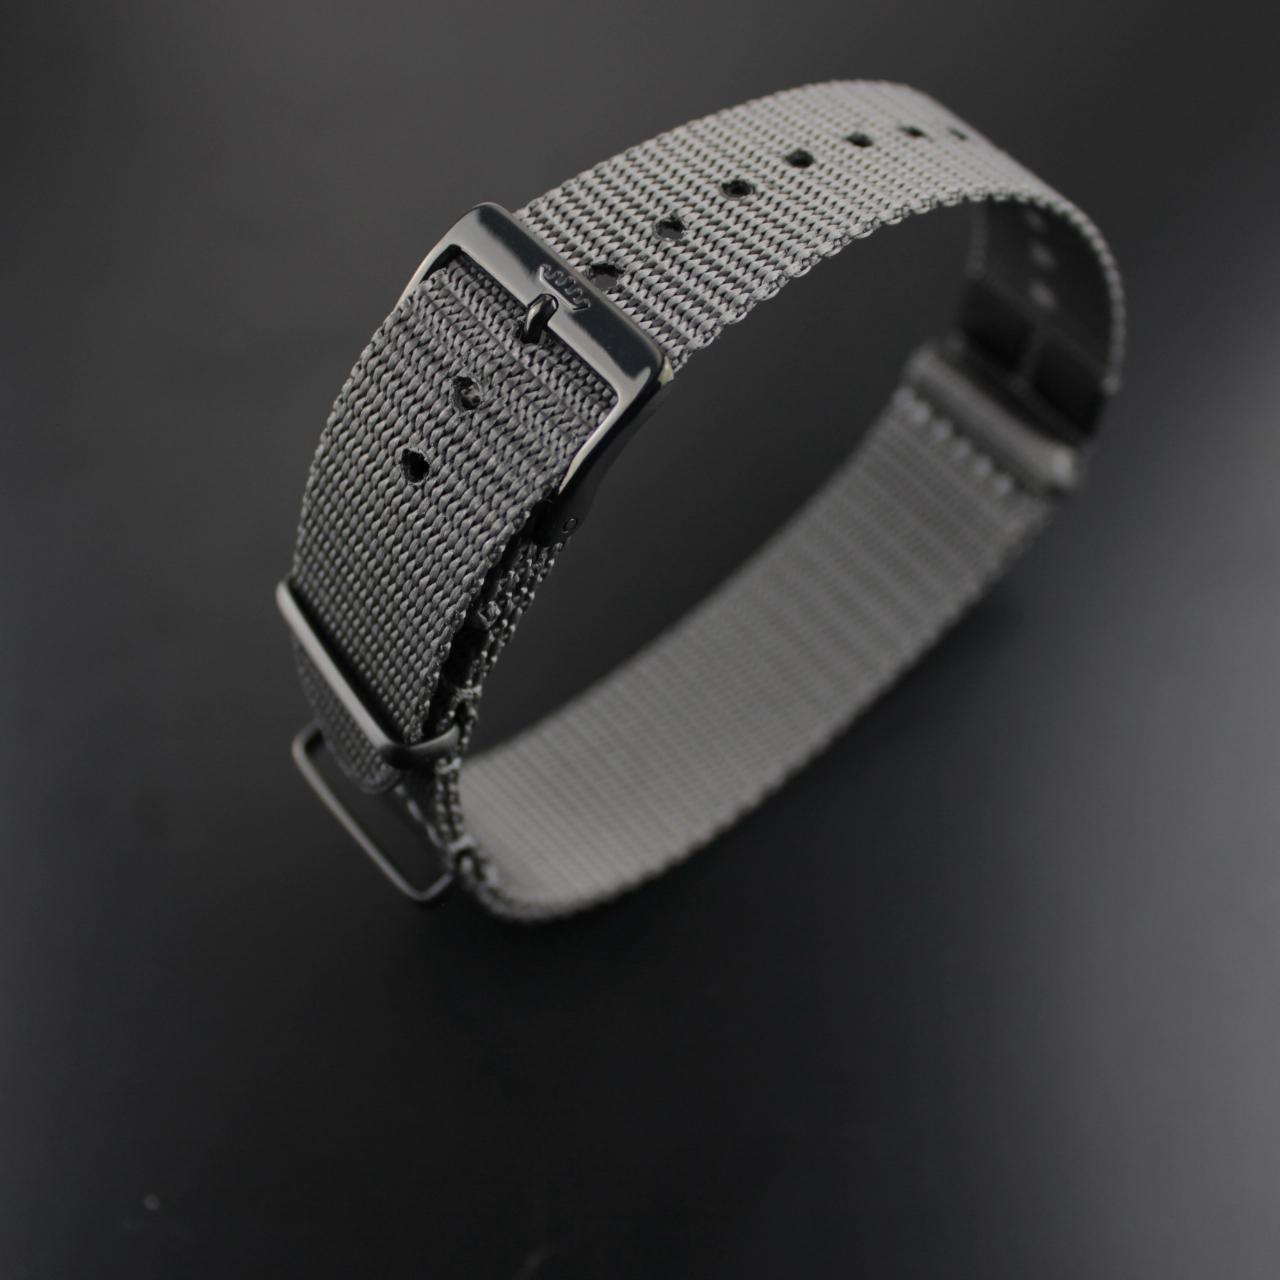 Fortis Nato-Band mit Fortis Metallplakette und PVD schwarz beschichteten Edelstahl-Schlaufen